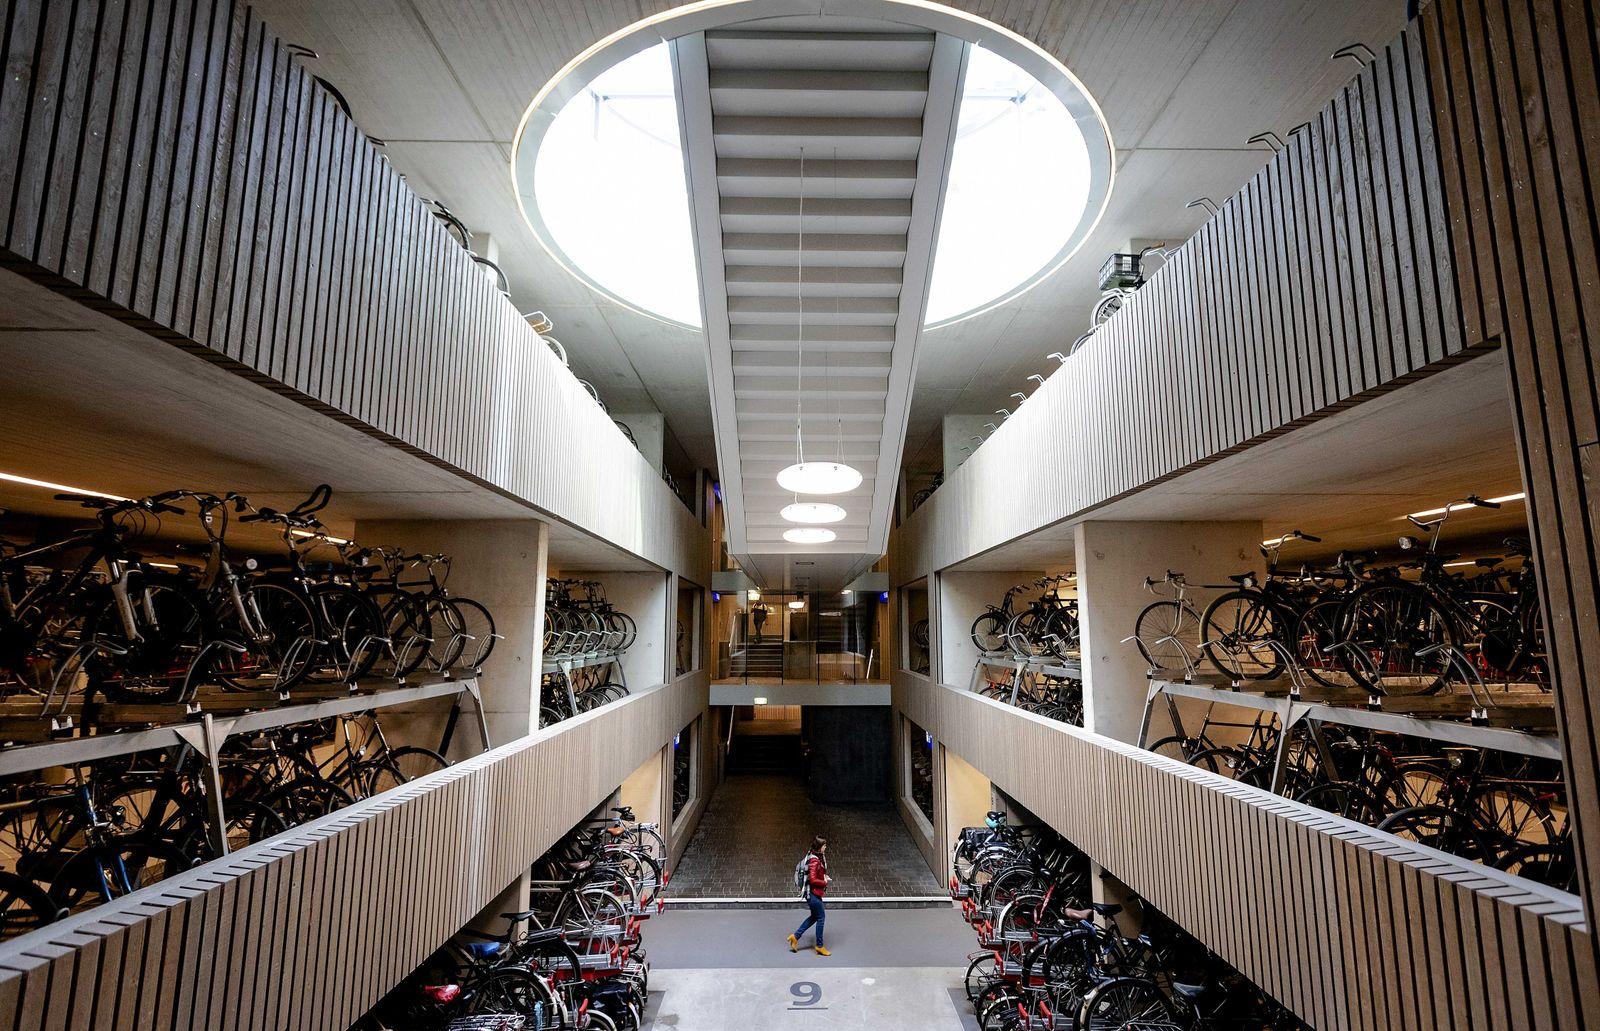 Fahrradparkhaus am Bahnhof von Utrecht